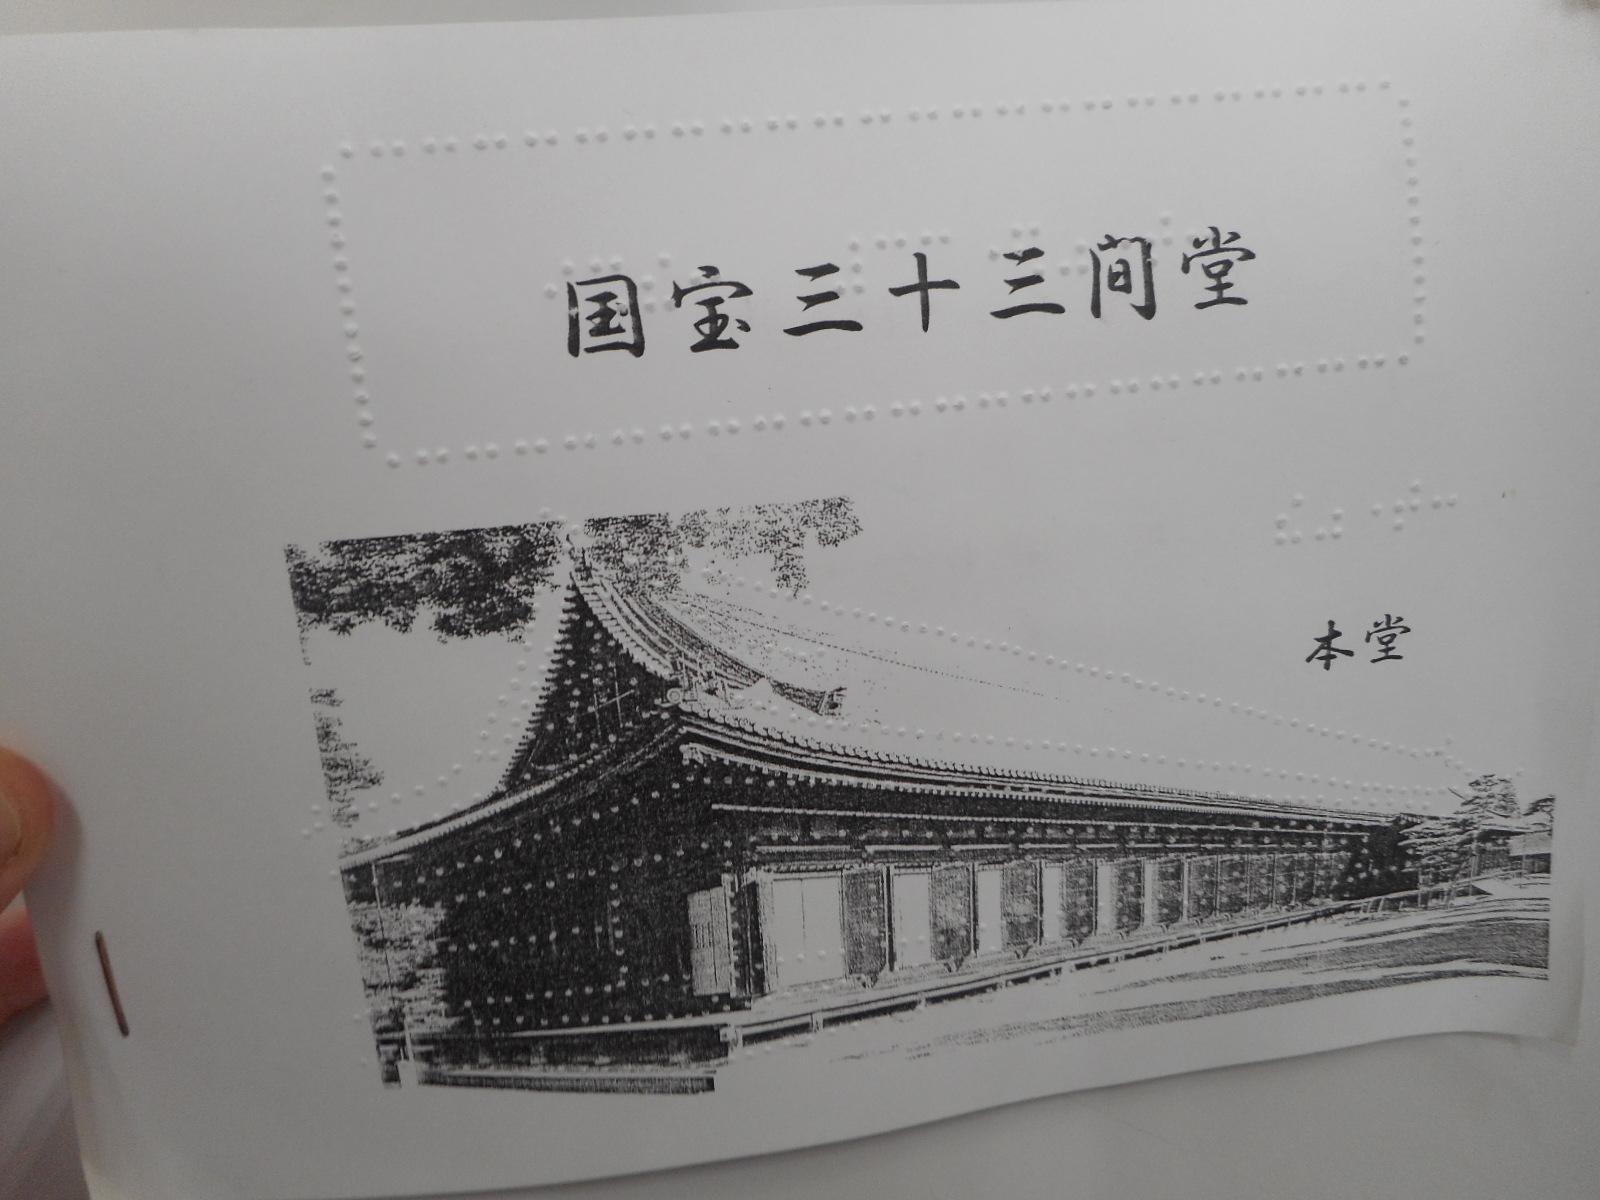 点字版 三十三間堂パンフレット表紙。表紙には三十三間堂本堂が描かれており、点字でも形が分かるようになっています。